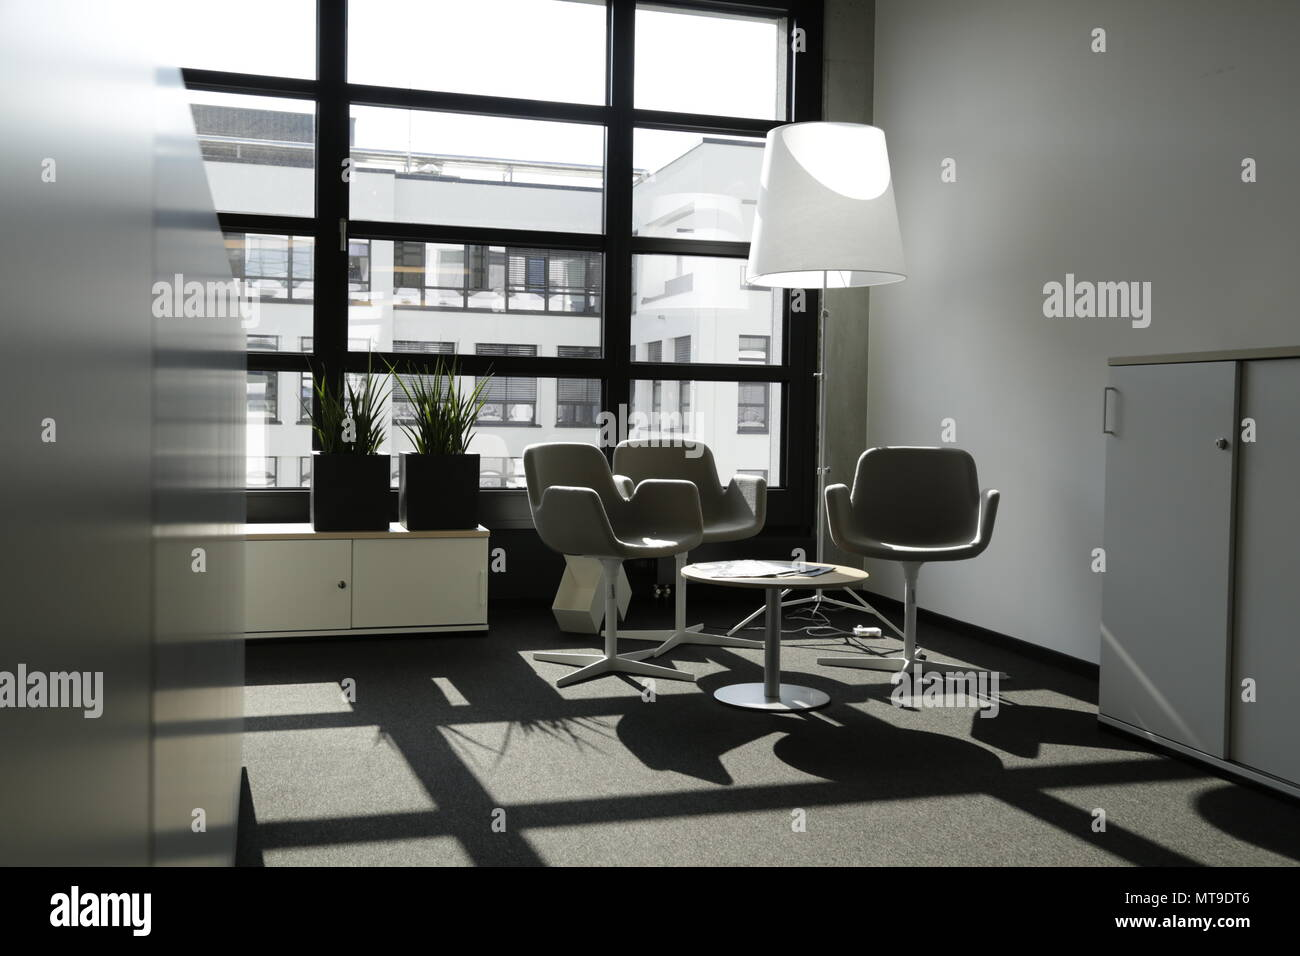 Mobili Di Lusso Moderni : Ufficio moderno con interni eleganti e mobili di lusso grigio e